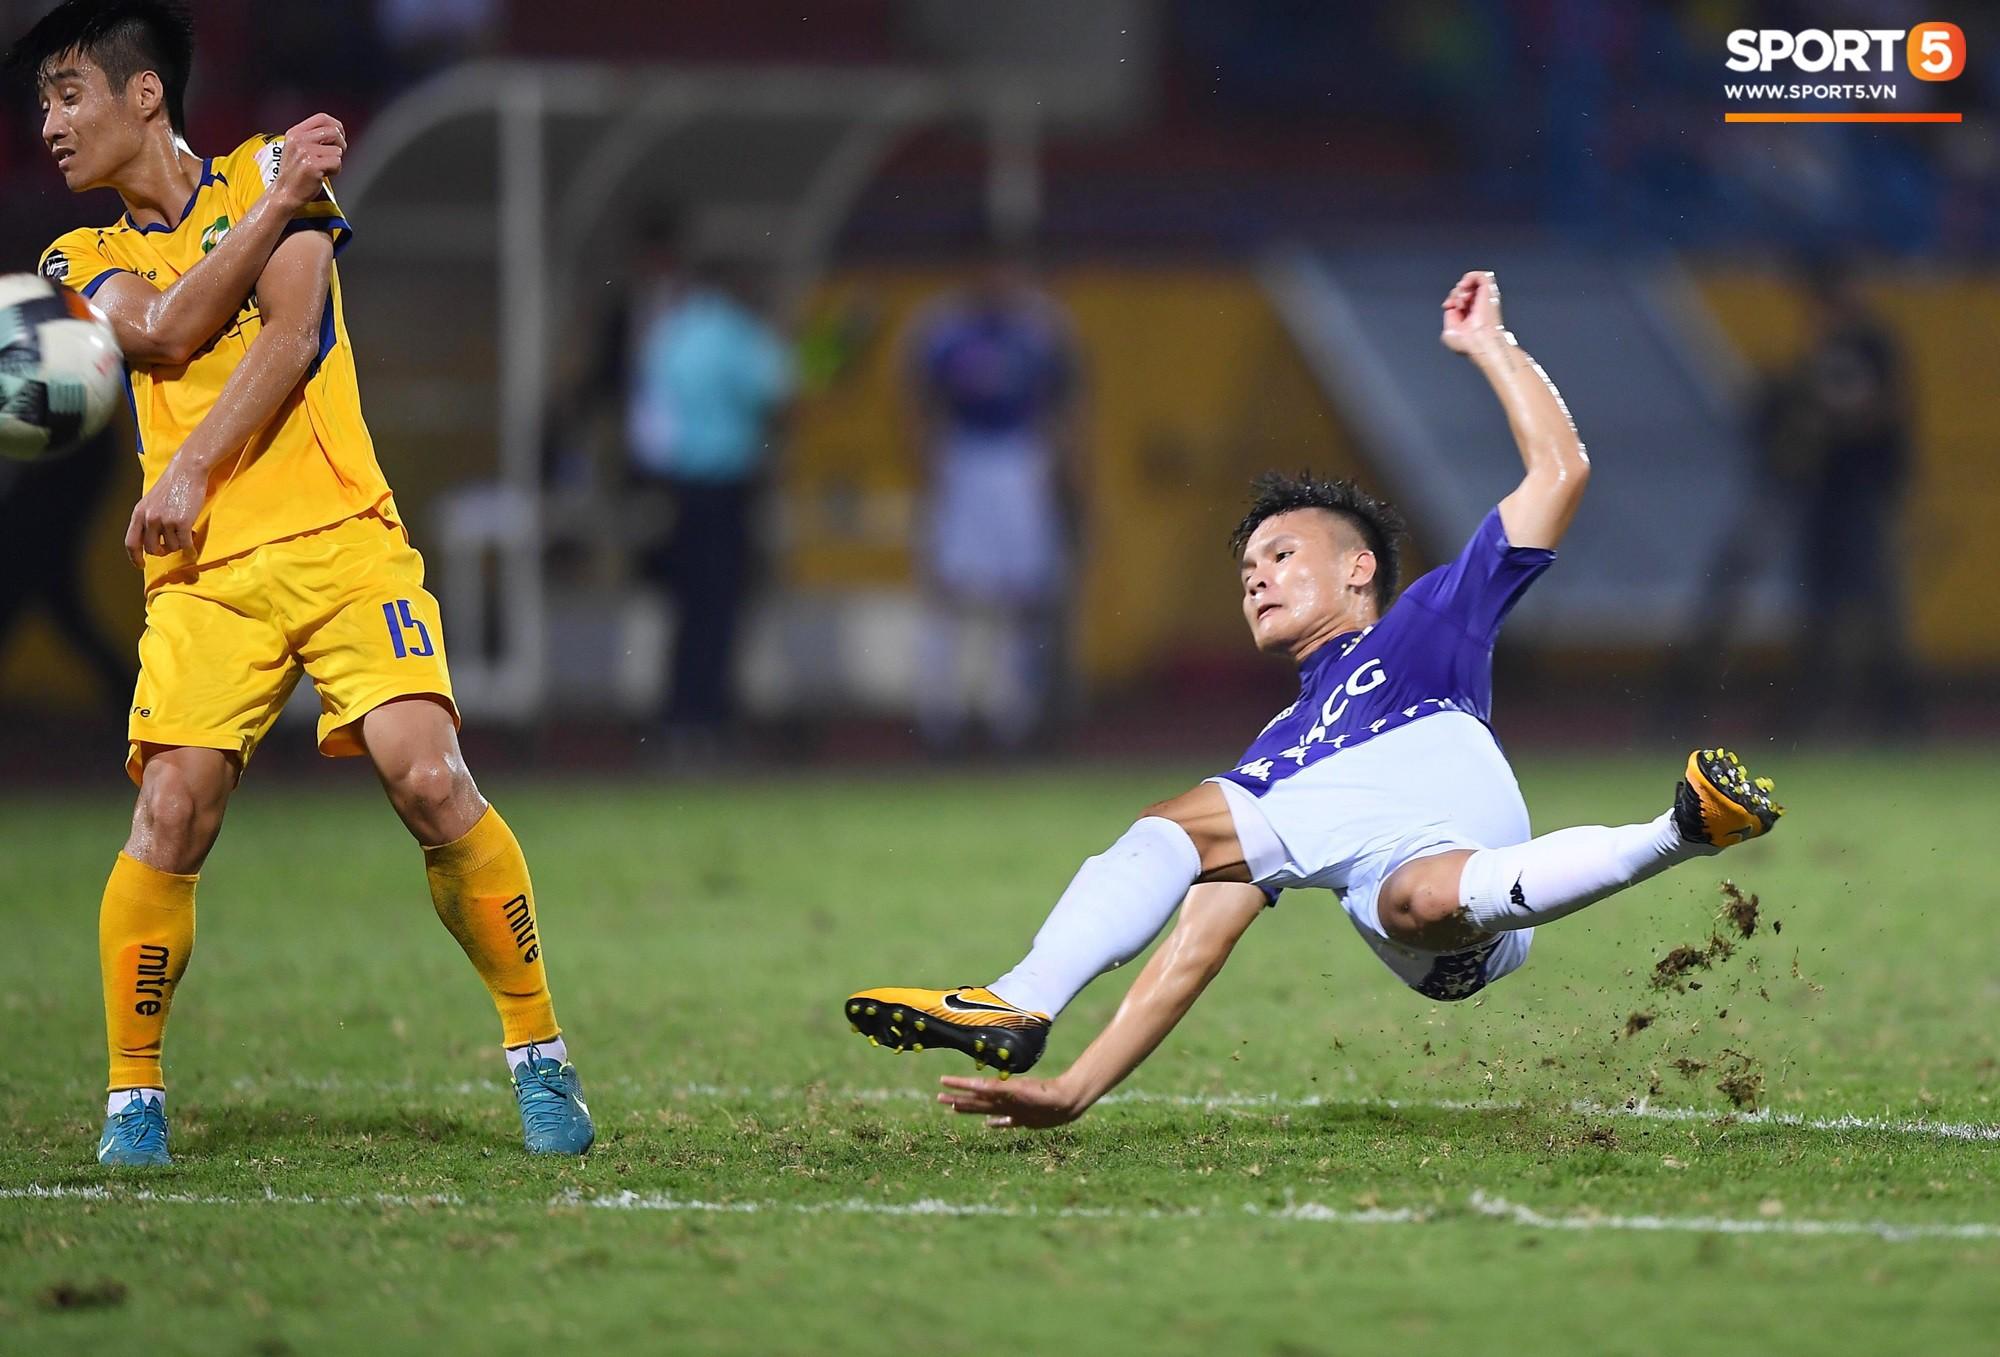 HLV Park Hang Seo xuống sân chúc mừng trò cưng Quang Hải sau màn trình diễn tuyệt vời-1